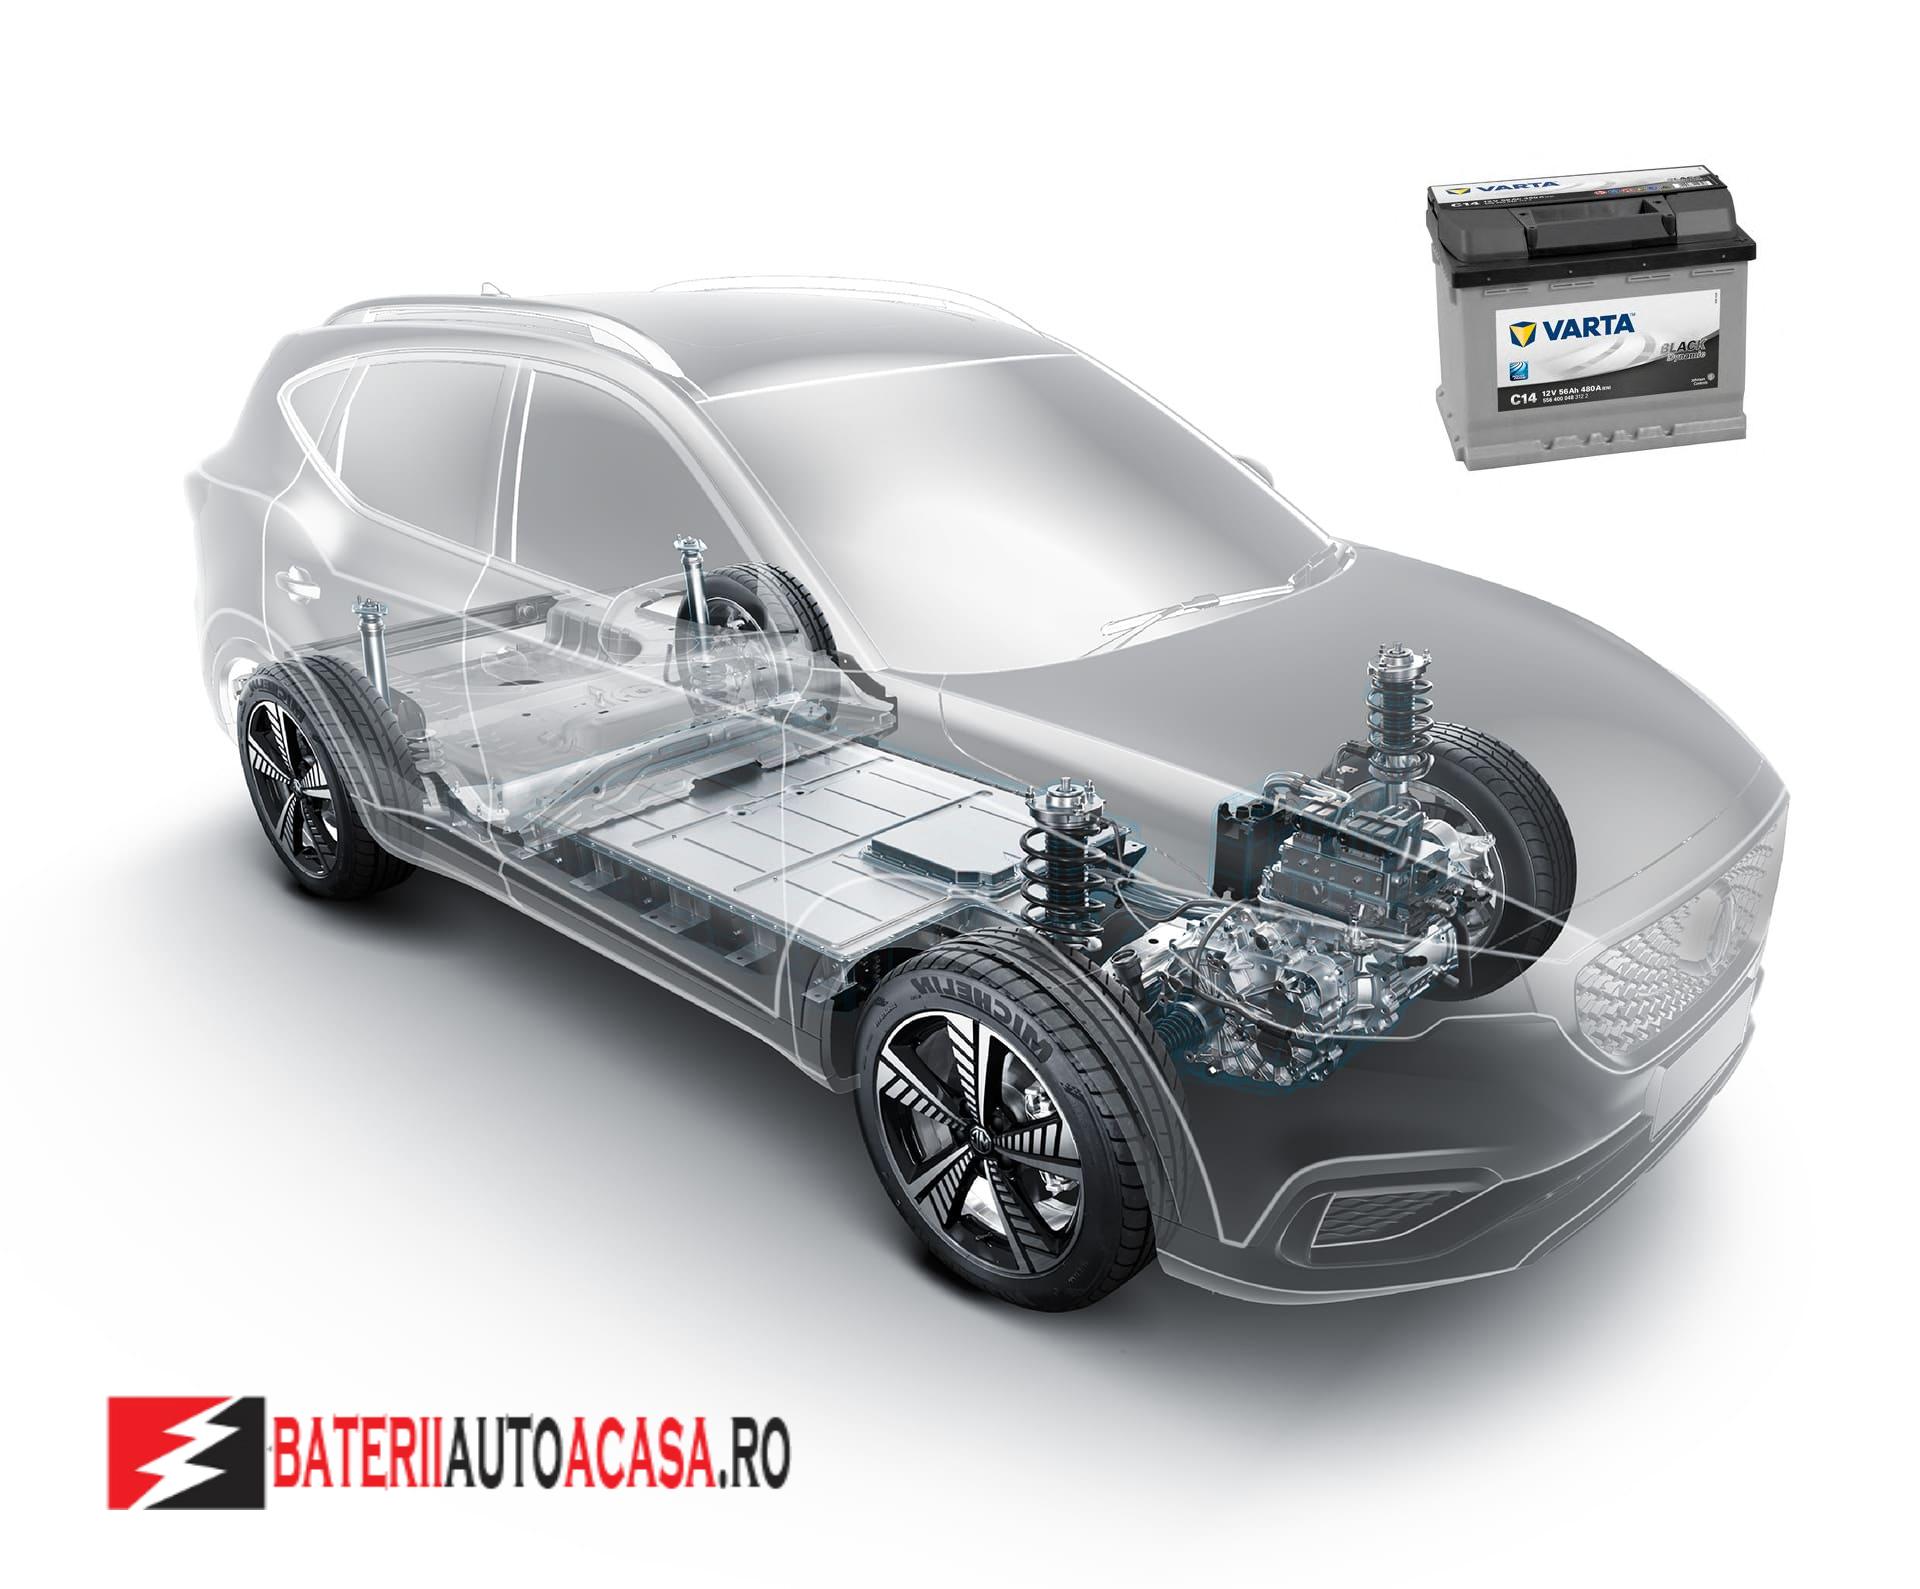 baterii auto varta bateriiacasa.ro